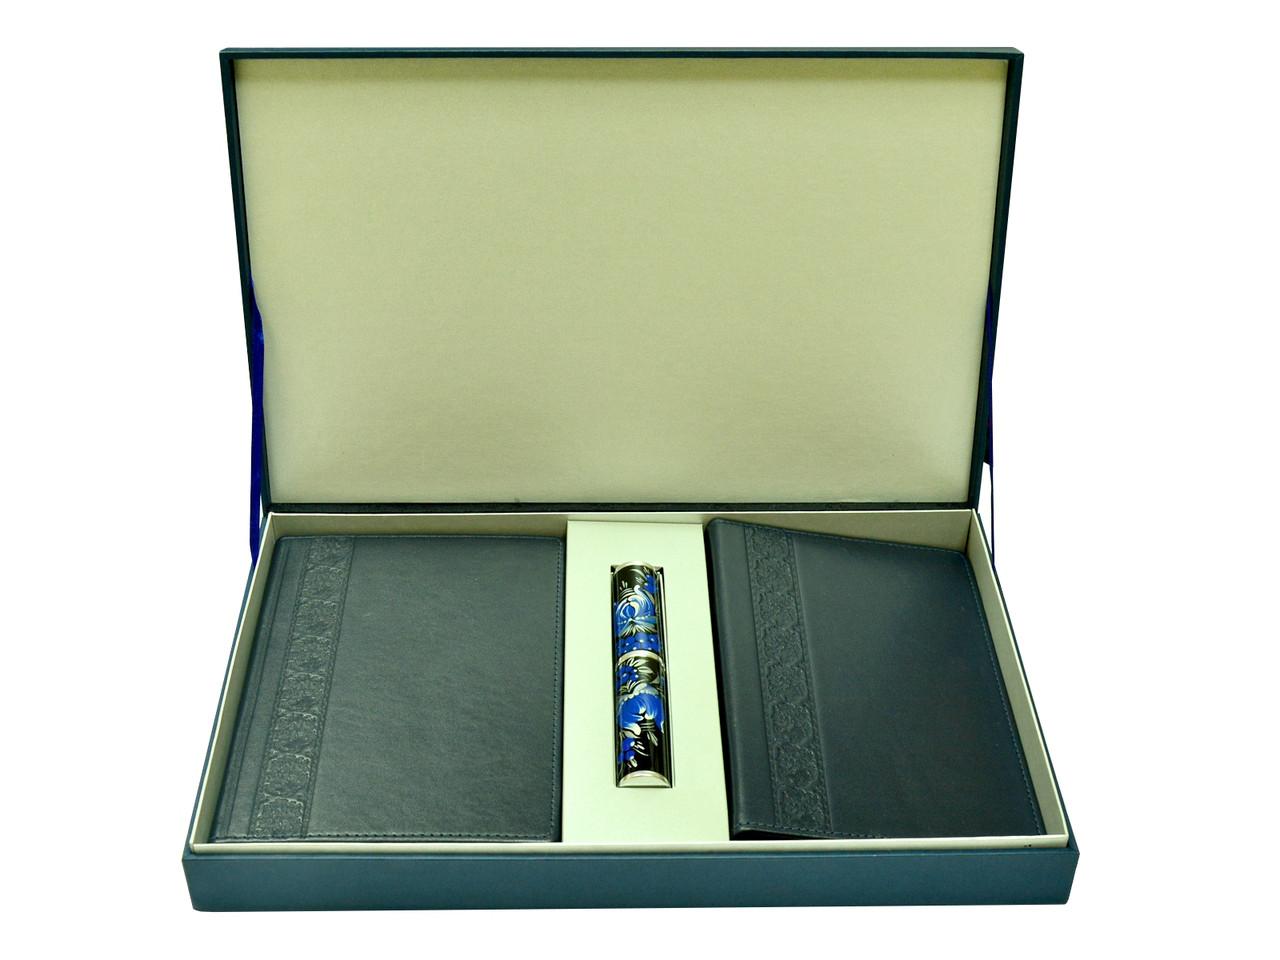 """Подарунковий набір аксесуарів """"Бізнес"""": щоденник шкіряний, візитниця настільна шкіряна і ручка в футлярі"""